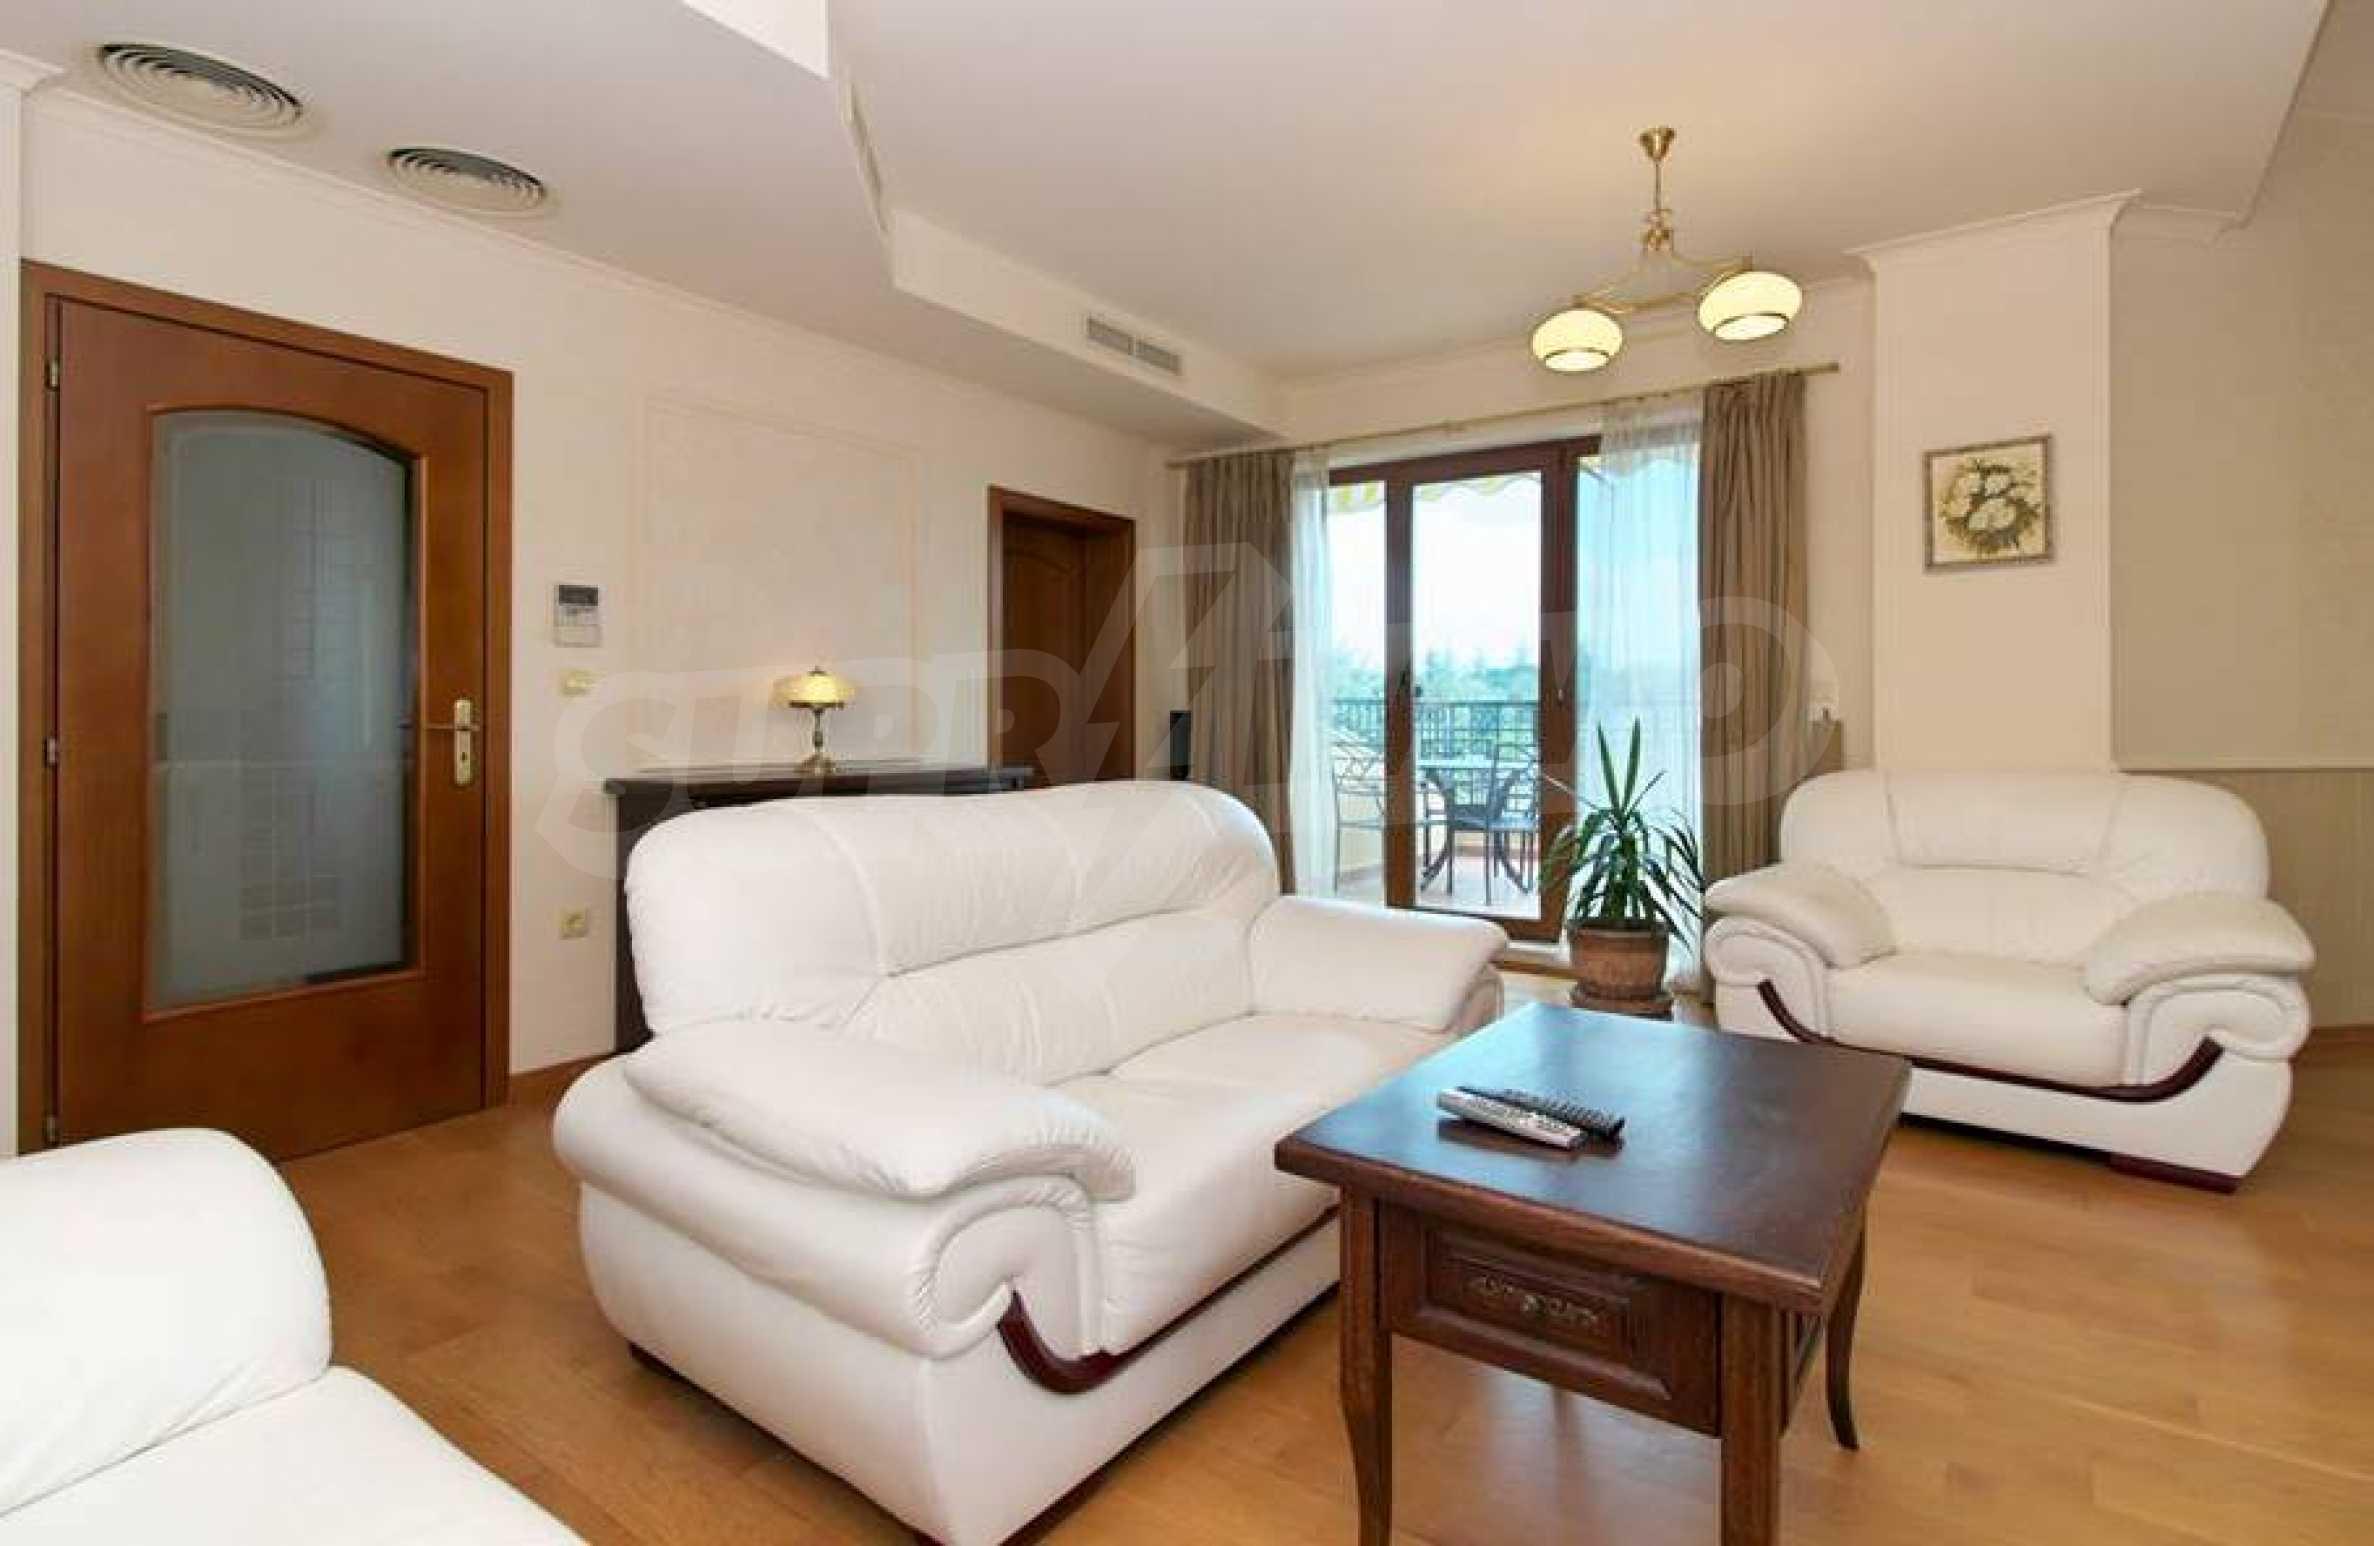 Апартамент Салтанат - комфортен имот в сърцето на Морската градина 4